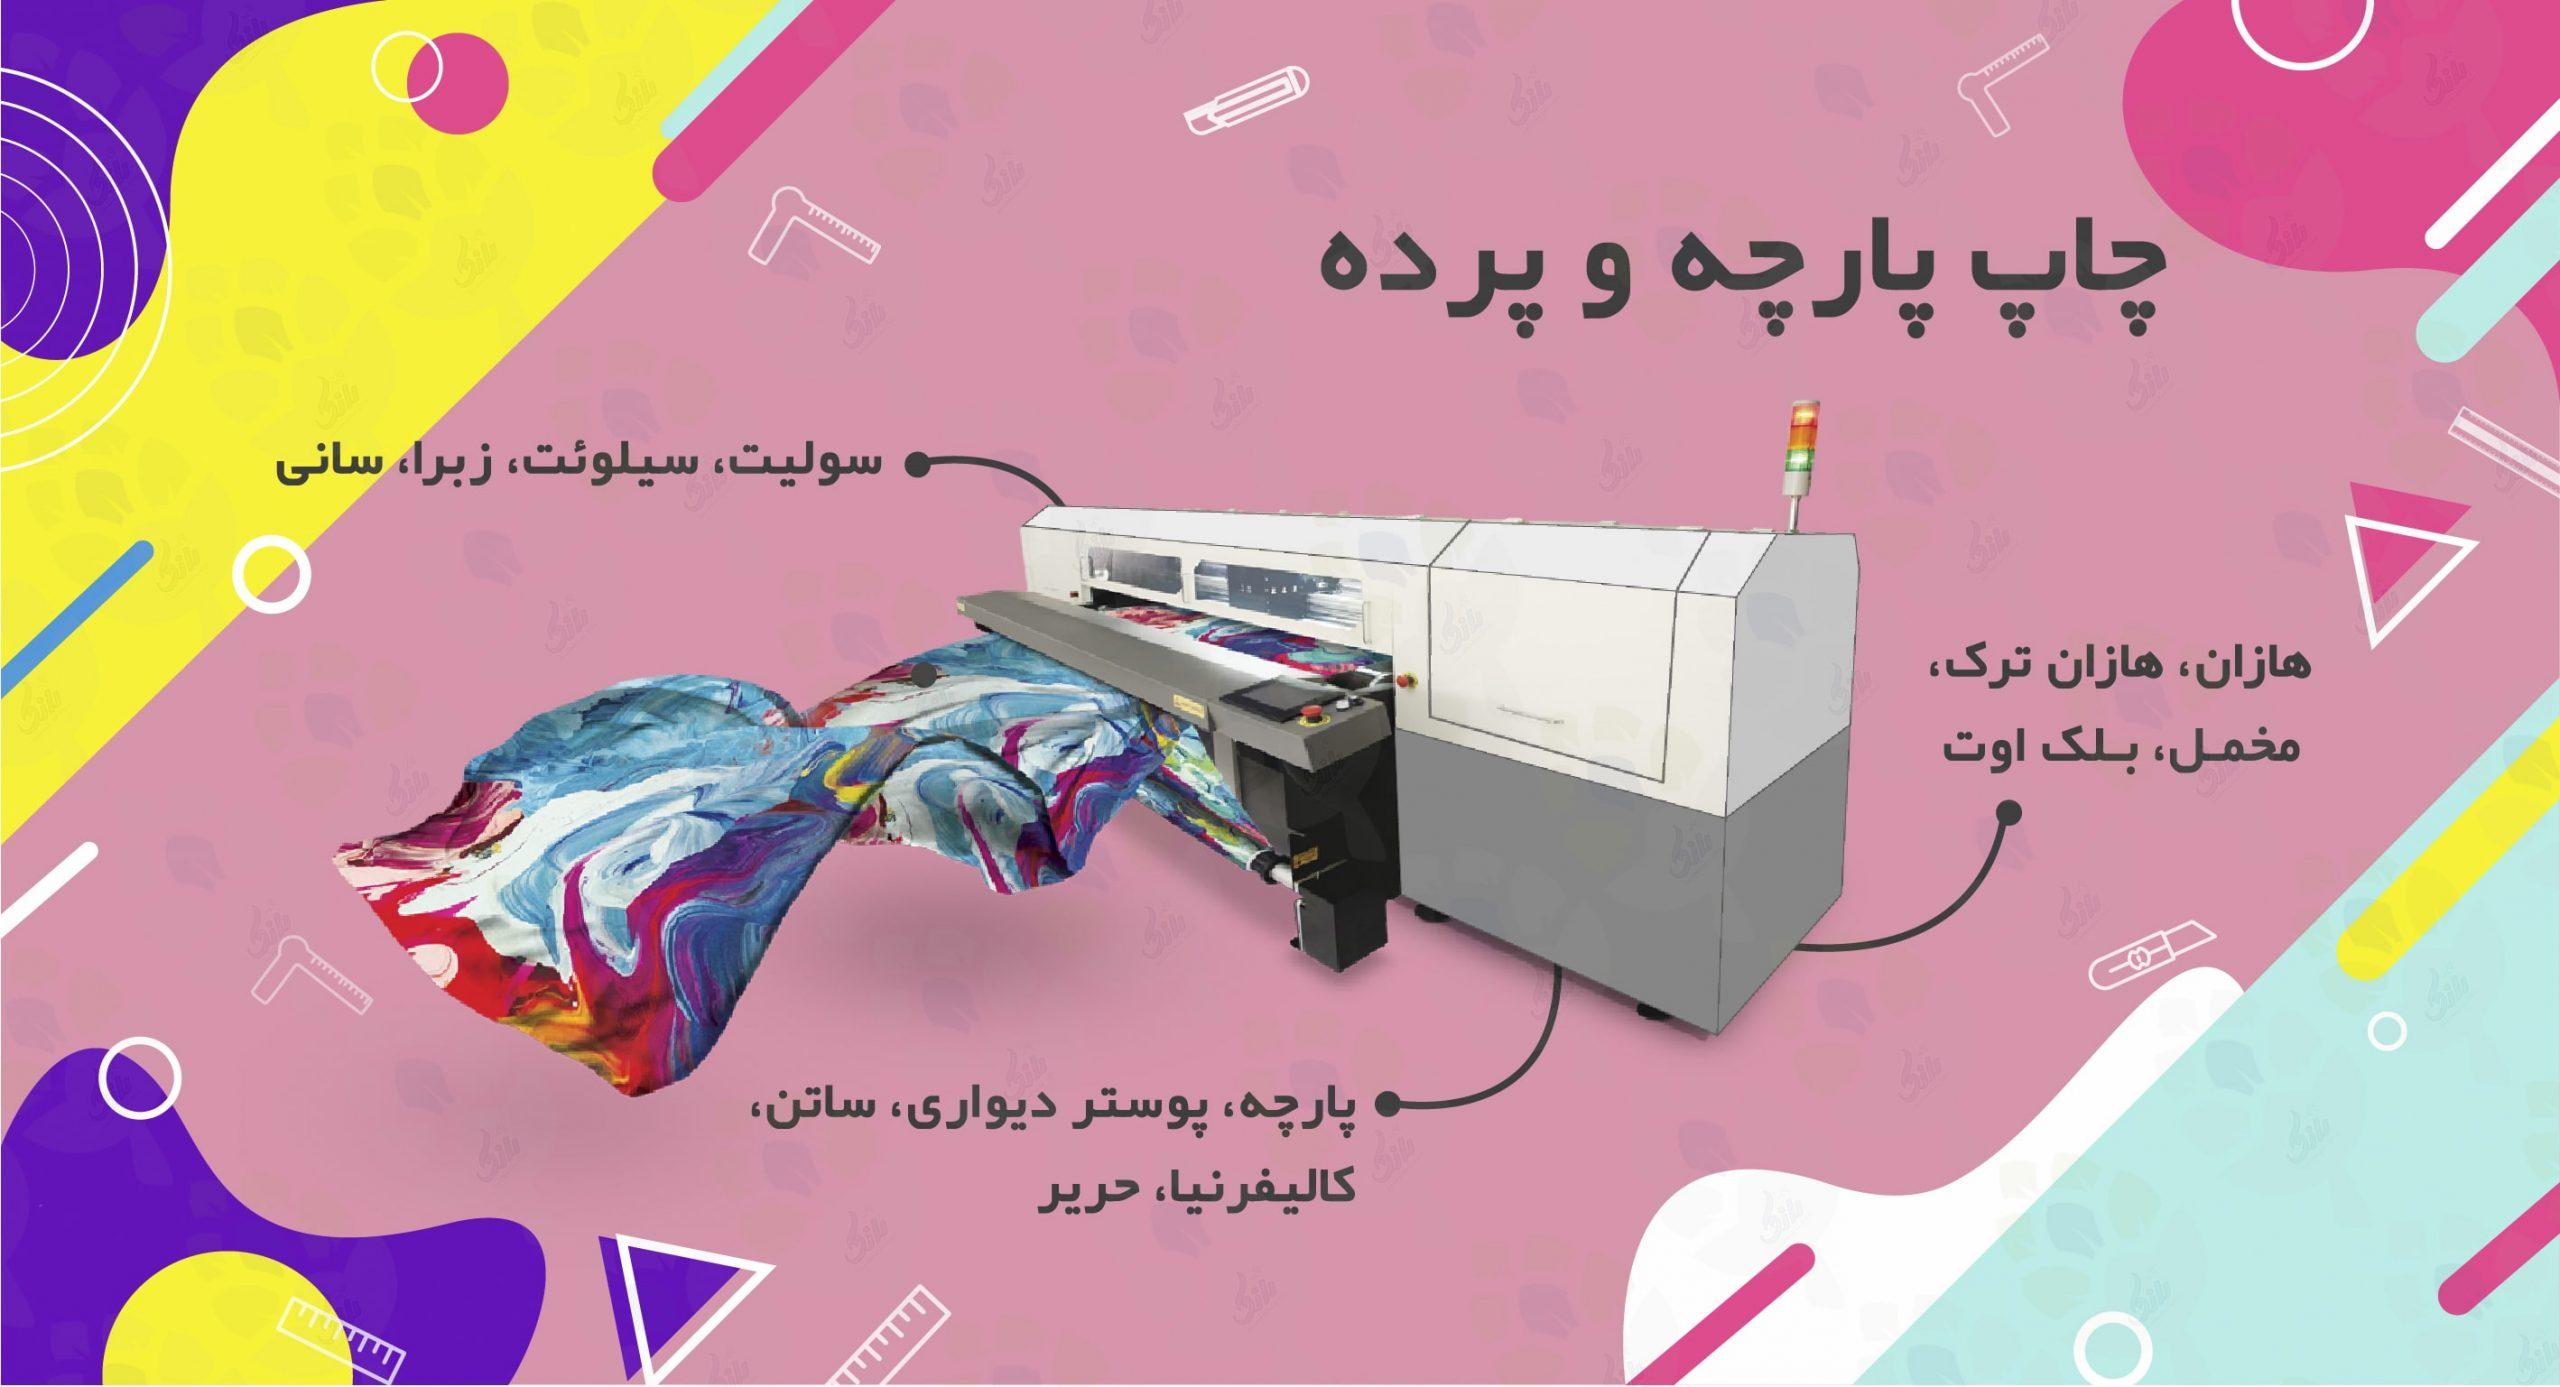 چاپ پرده و پارچه